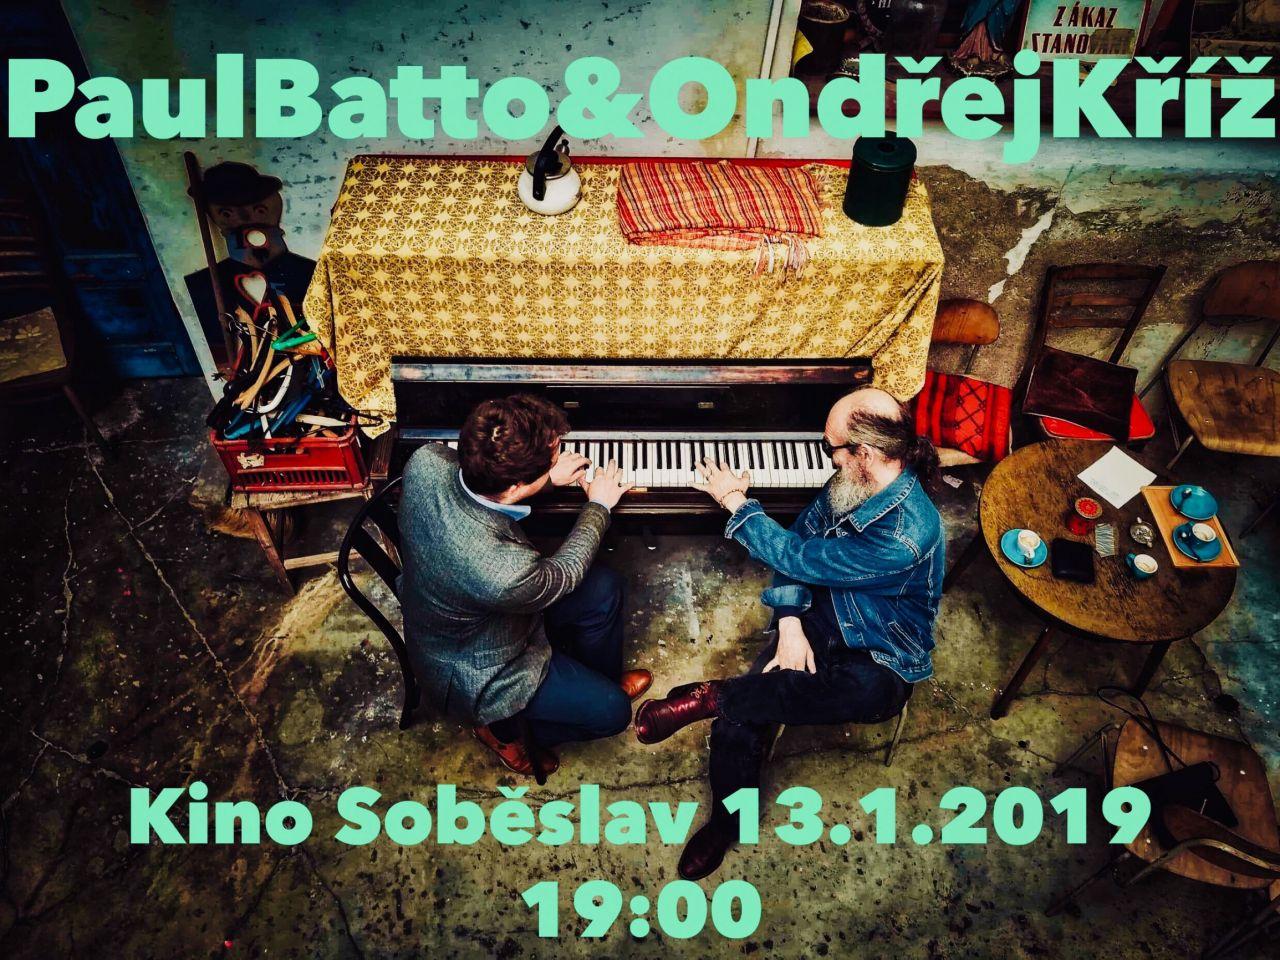 Koncert Paul Batto a Ondřej Kříž 1